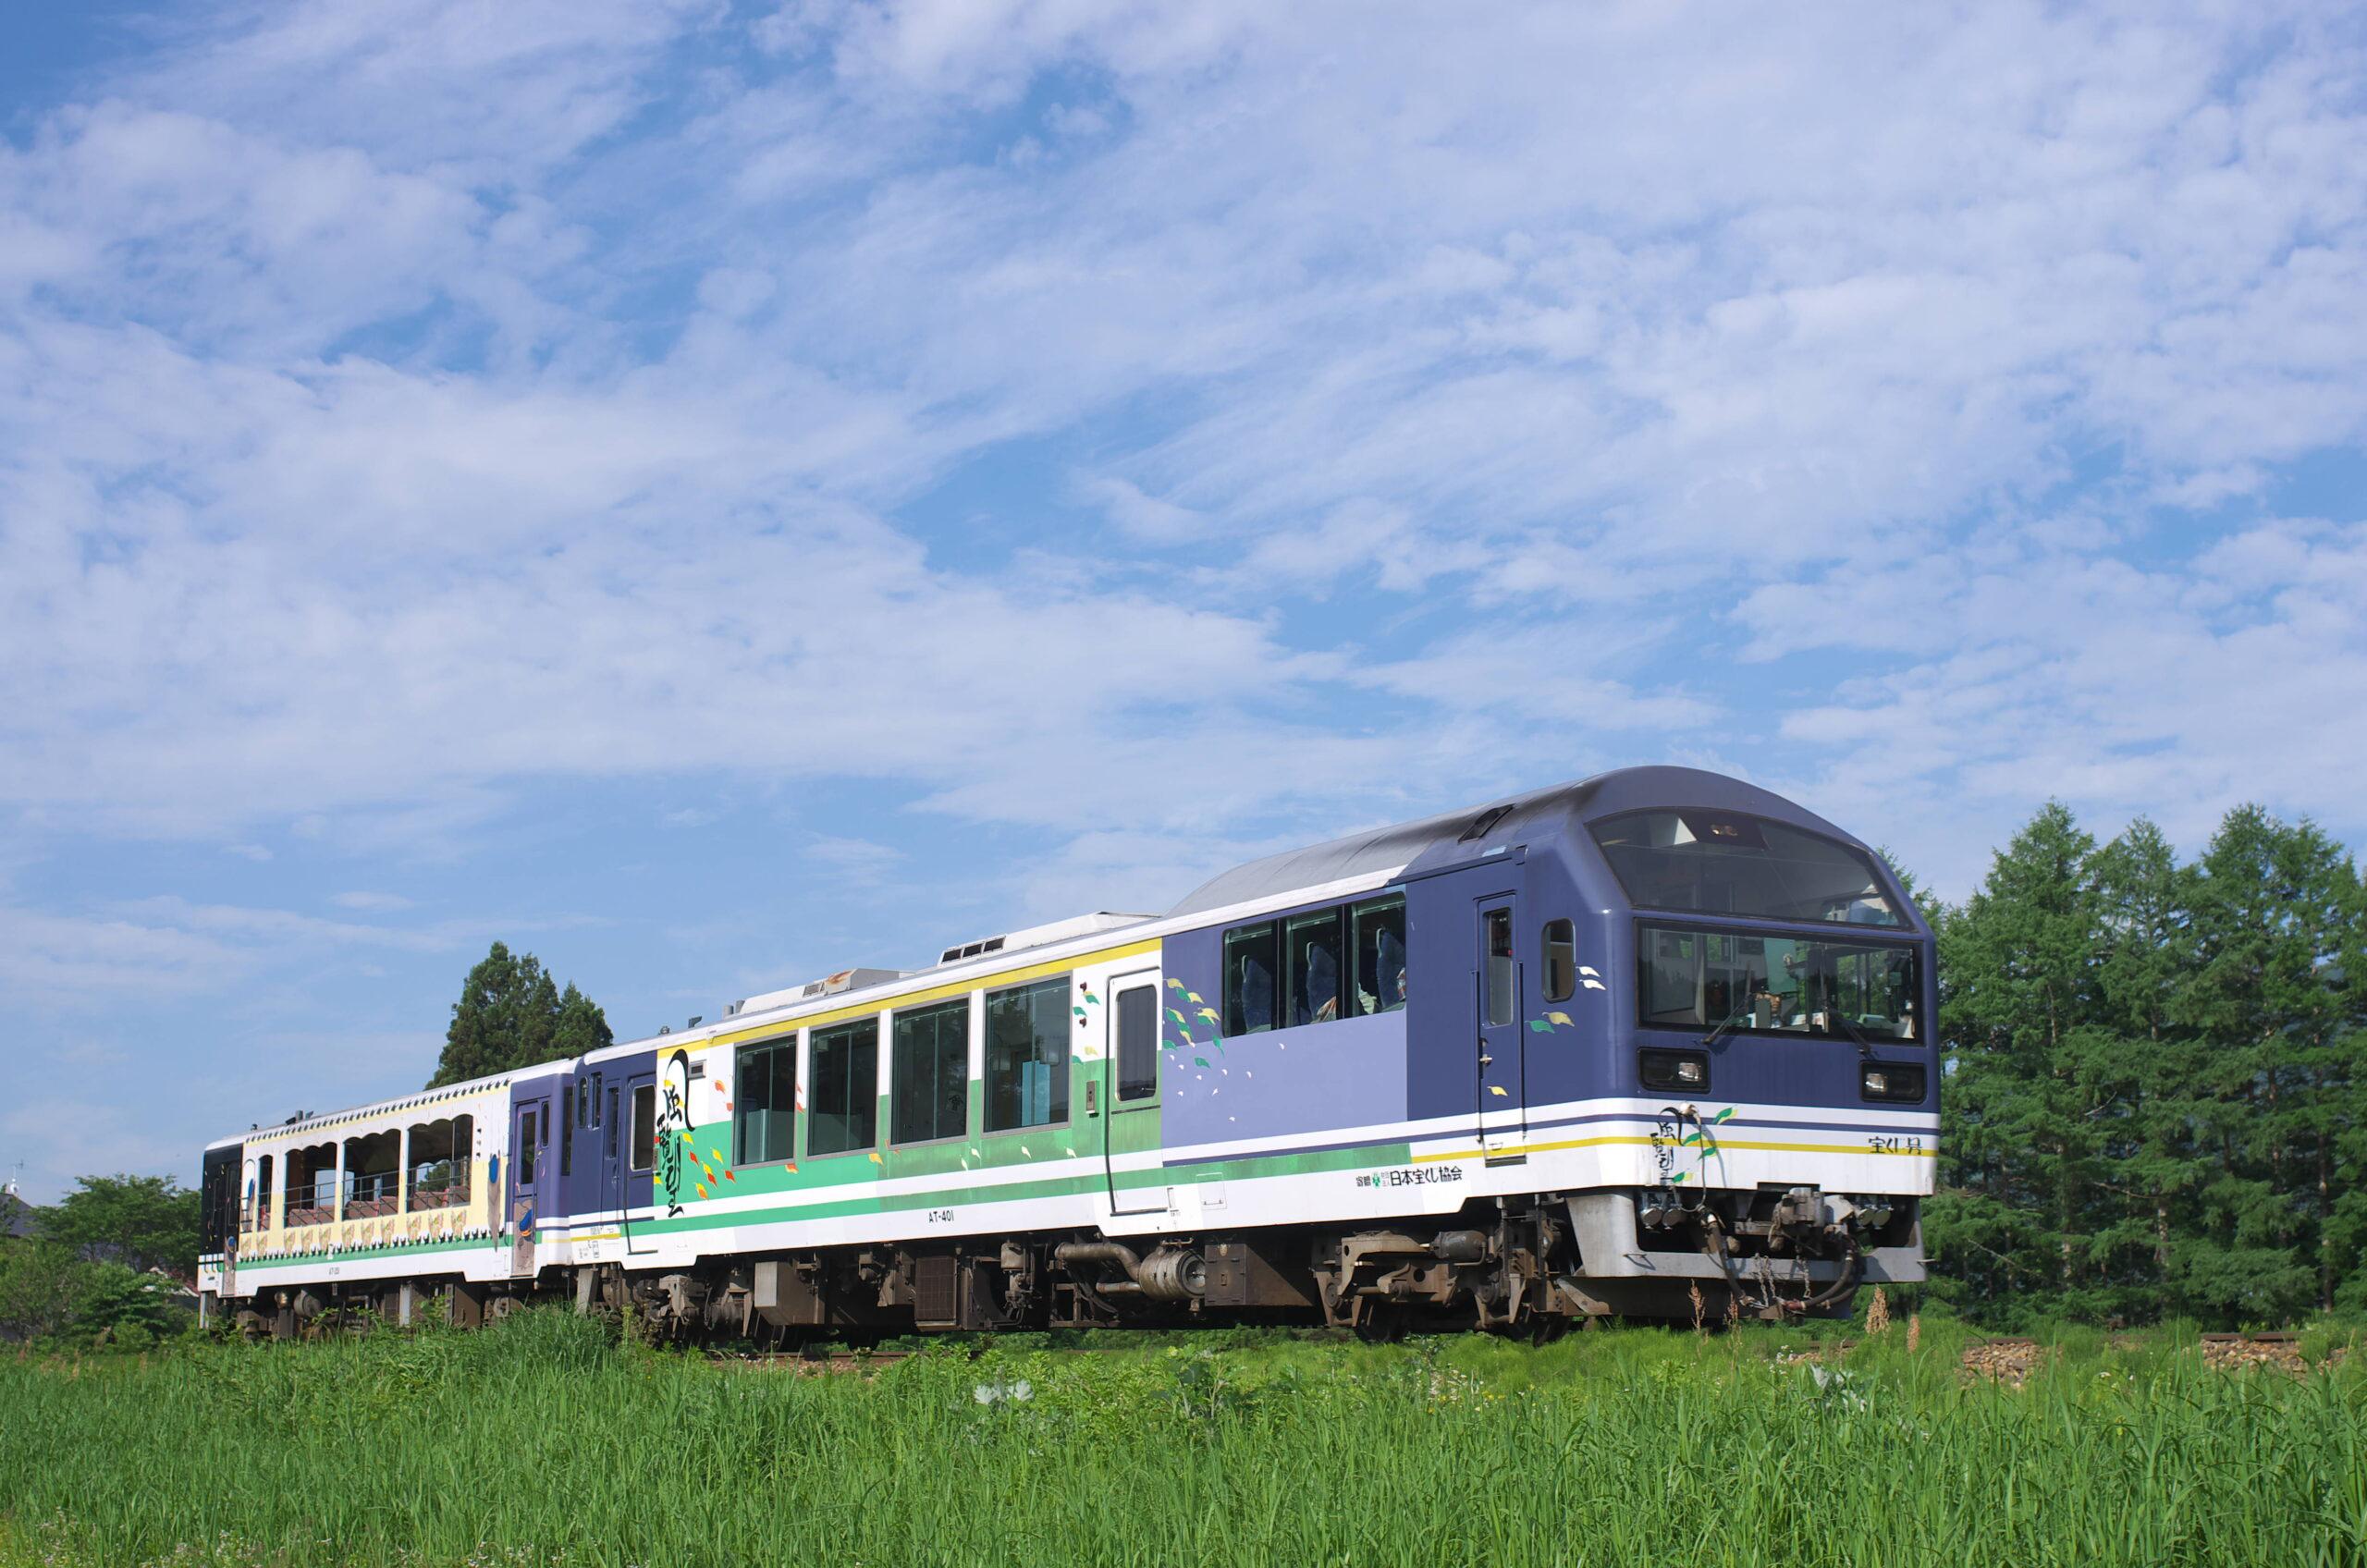 リゾート列車乗車で「あいづ」!「お座トロ展望列車」・「フルーティアふくしま」と芦ノ牧温泉